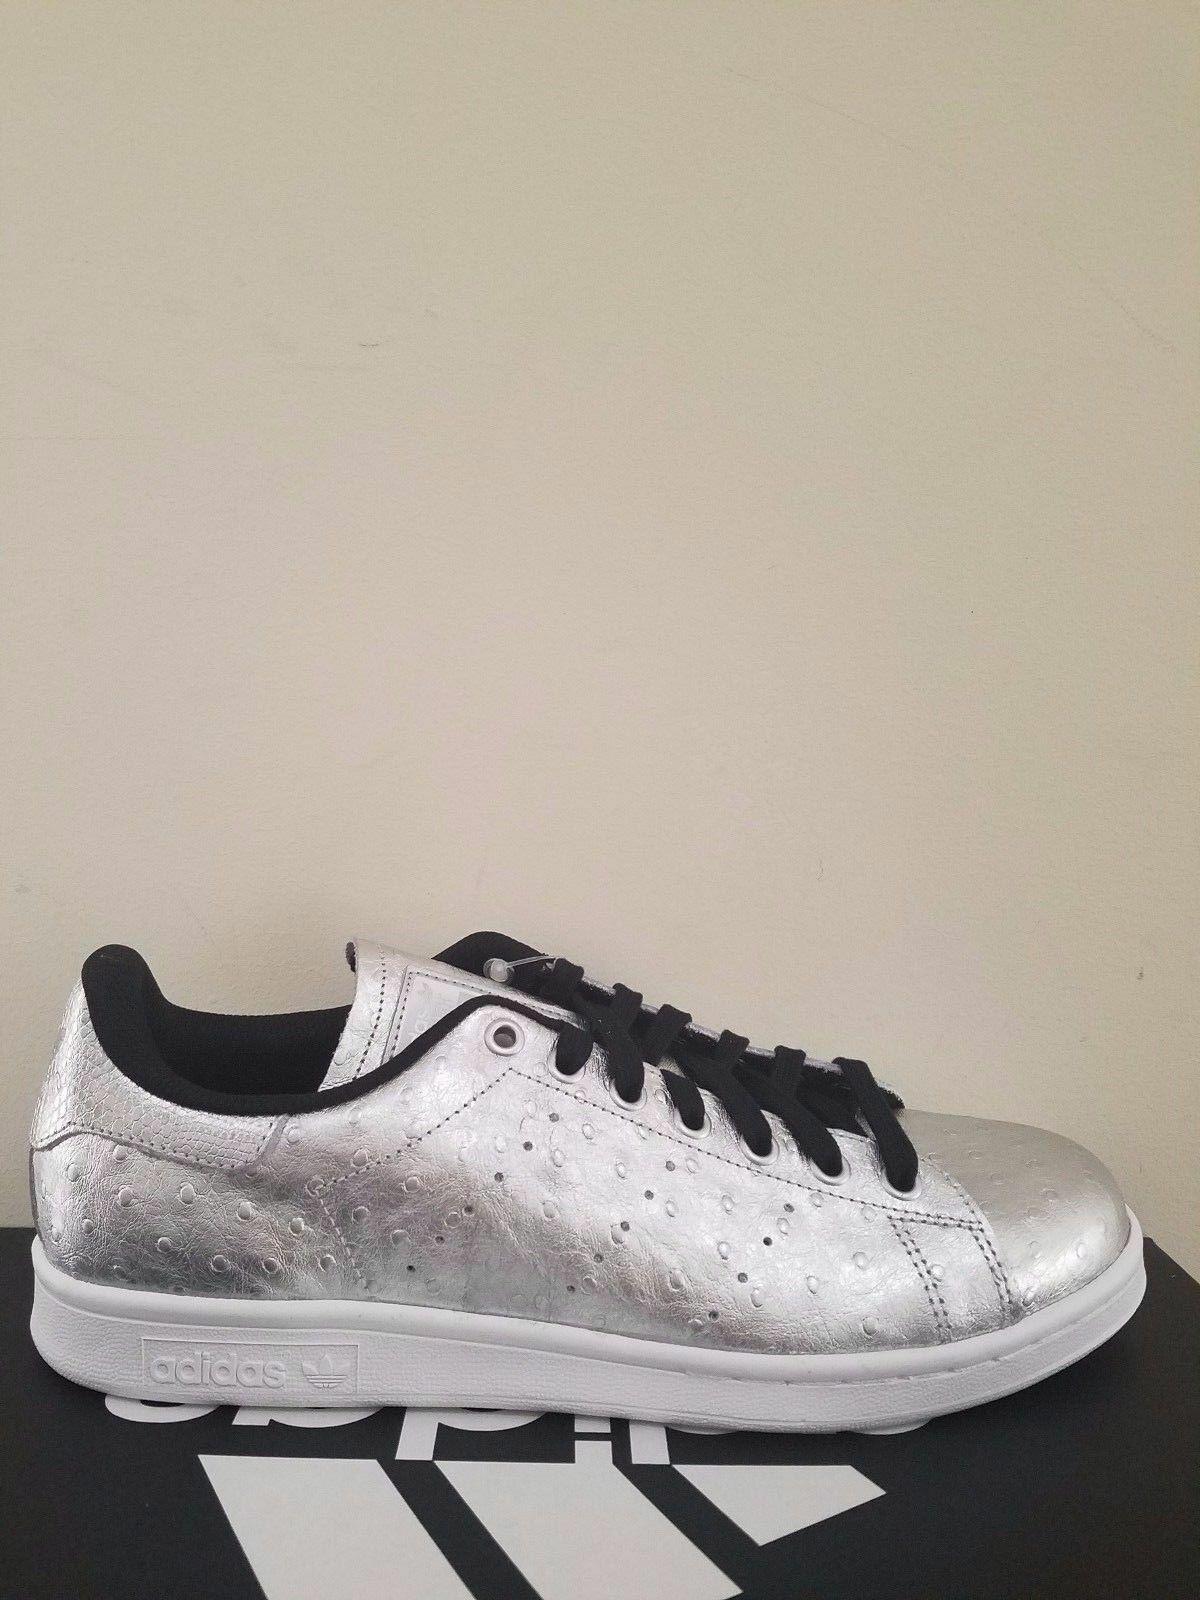 Adidas Herren Original Stan Smith Schuhe Größe 10 Neu in Box